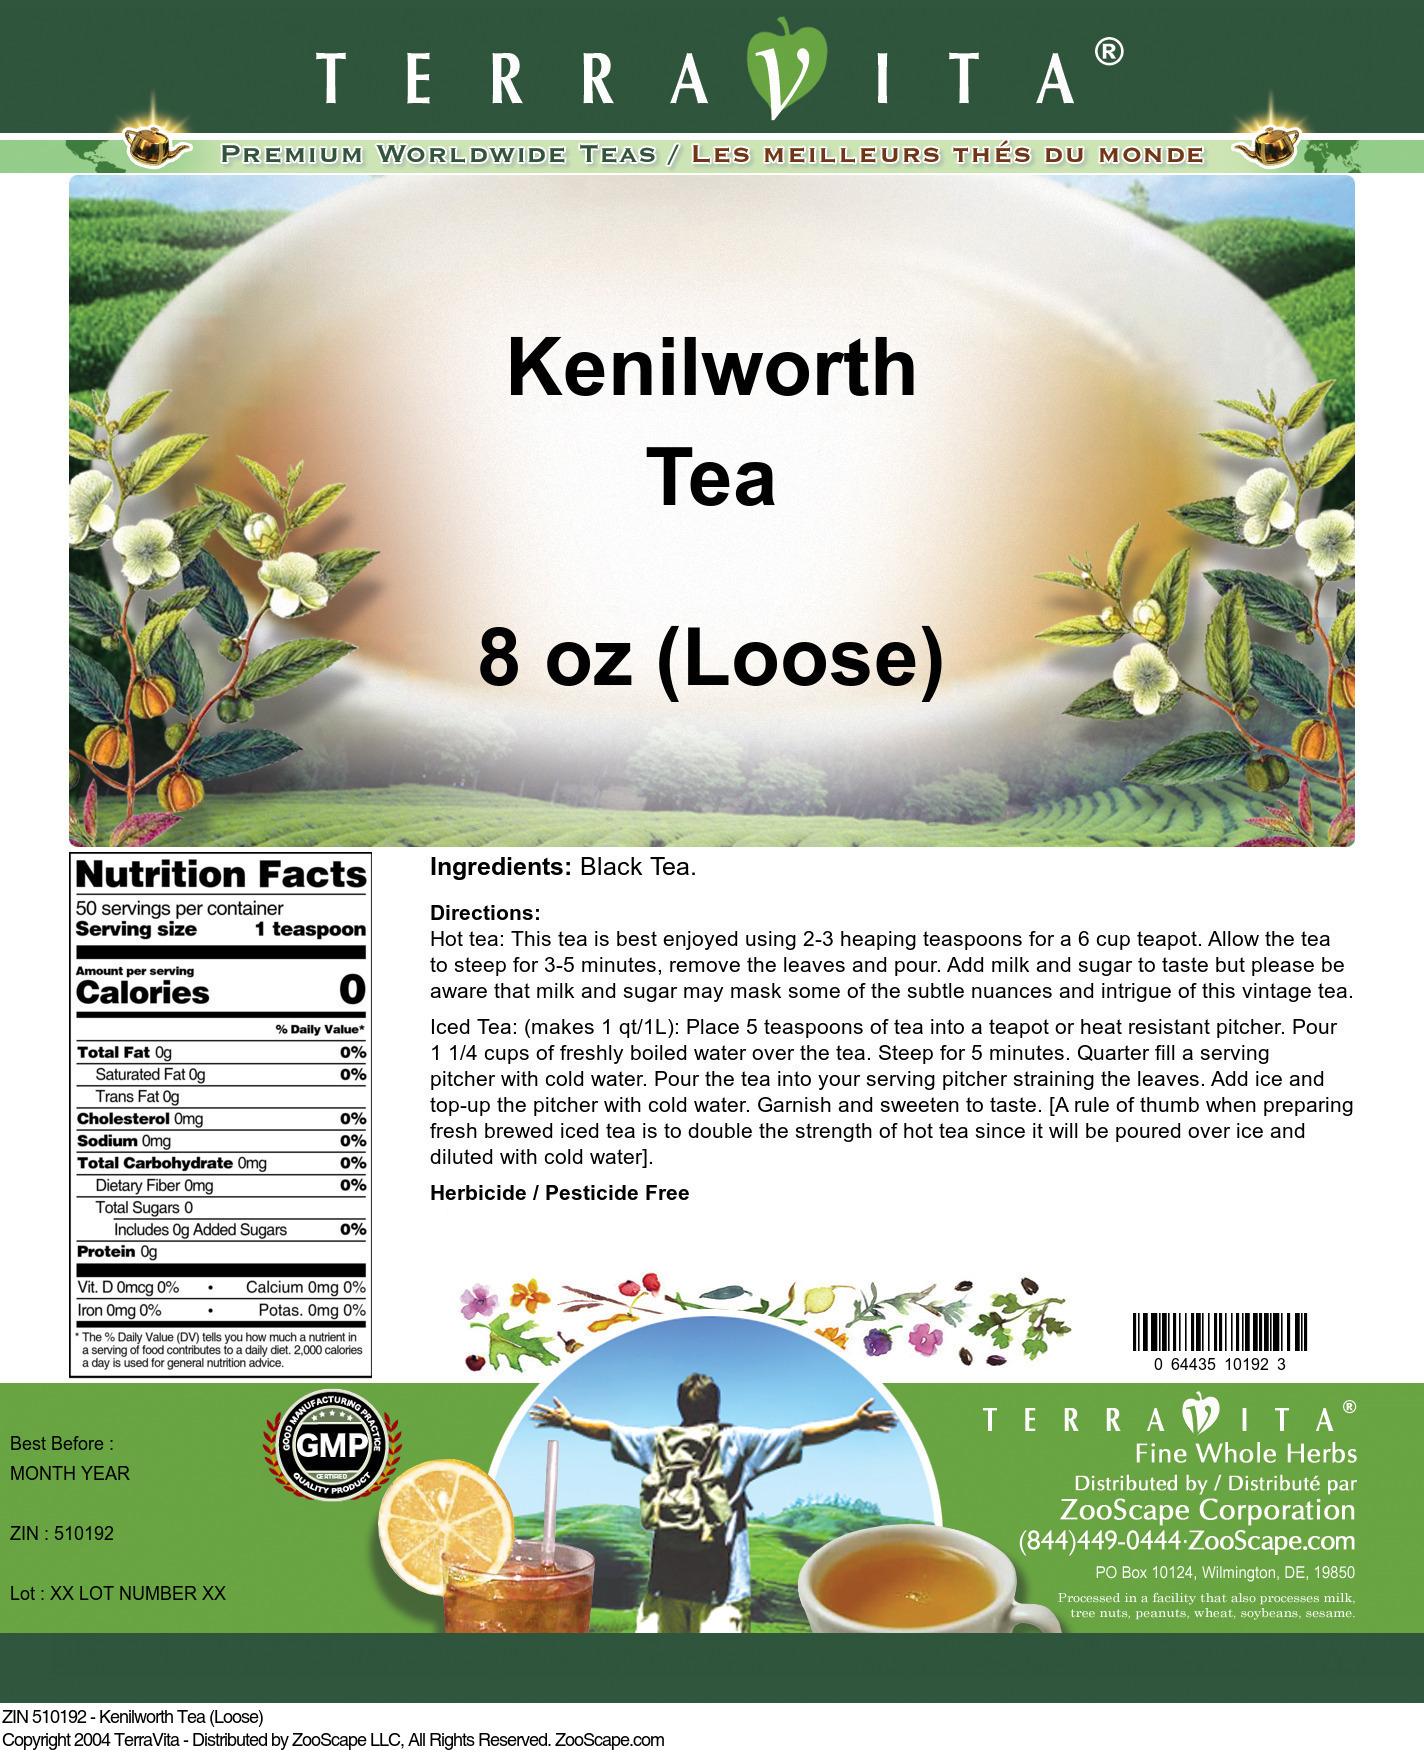 Kenilworth Tea (Loose)